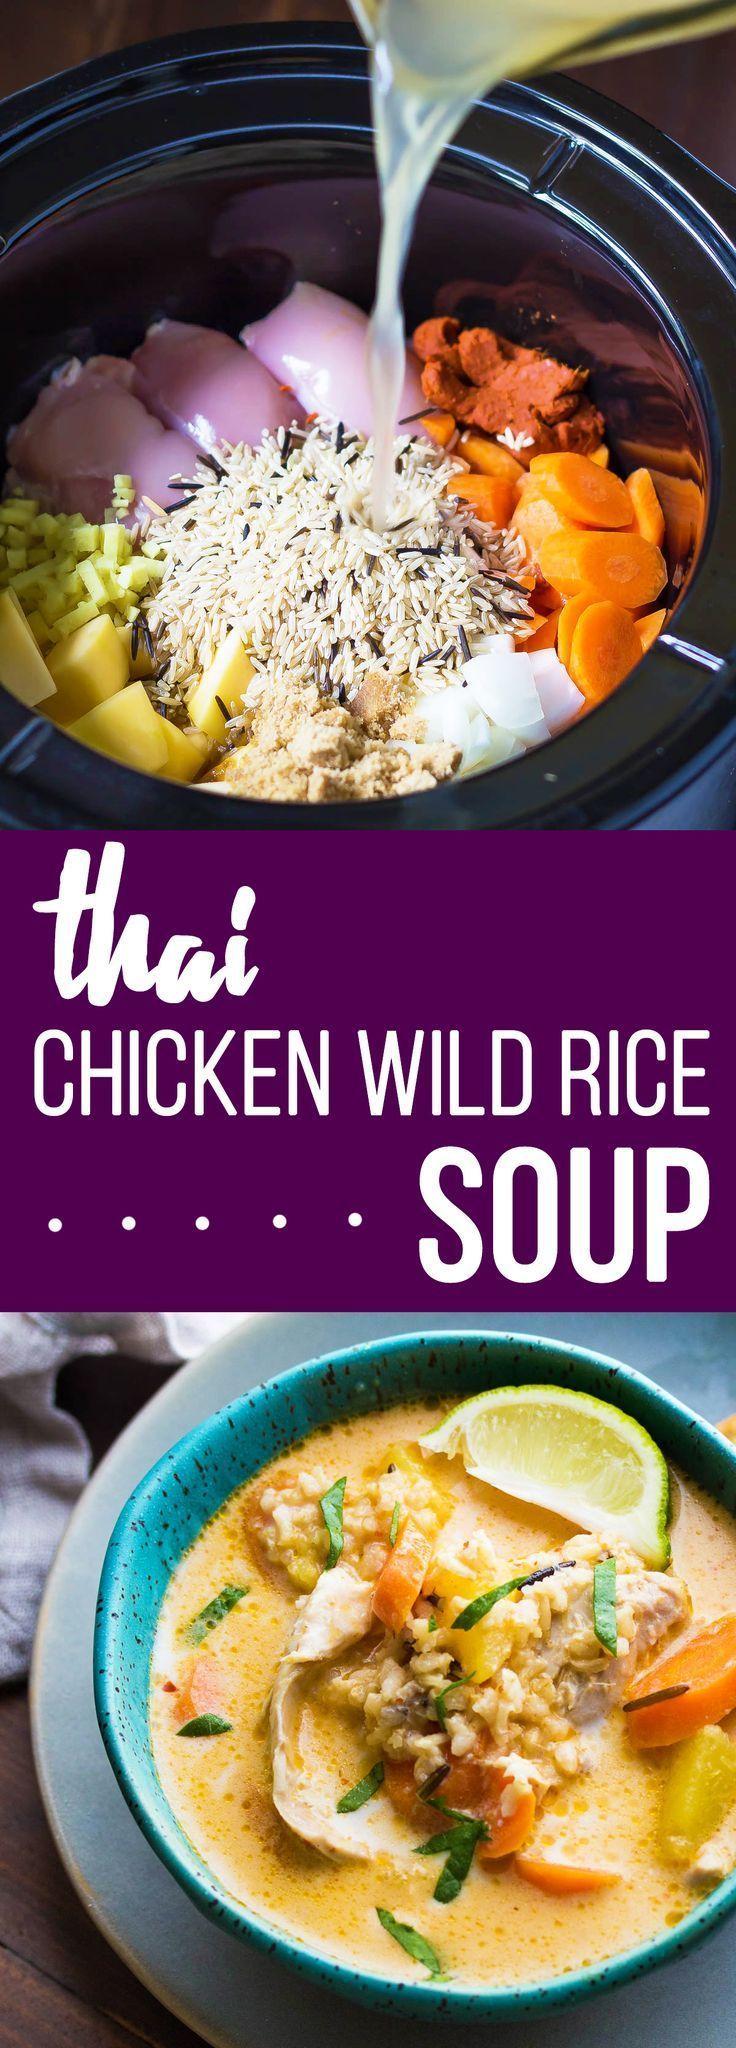 This Thai Slow Cooker Chicken and Wild Rice Soup is an easy dump and go crock pot recipe!  Bezoek www.GEZONDVOORSTEL.com voor meer tips en recepten over gezond eten! #gezond #gezondevoeding #gezondeten #recept #gezonderecepten #recepten #lekkereten